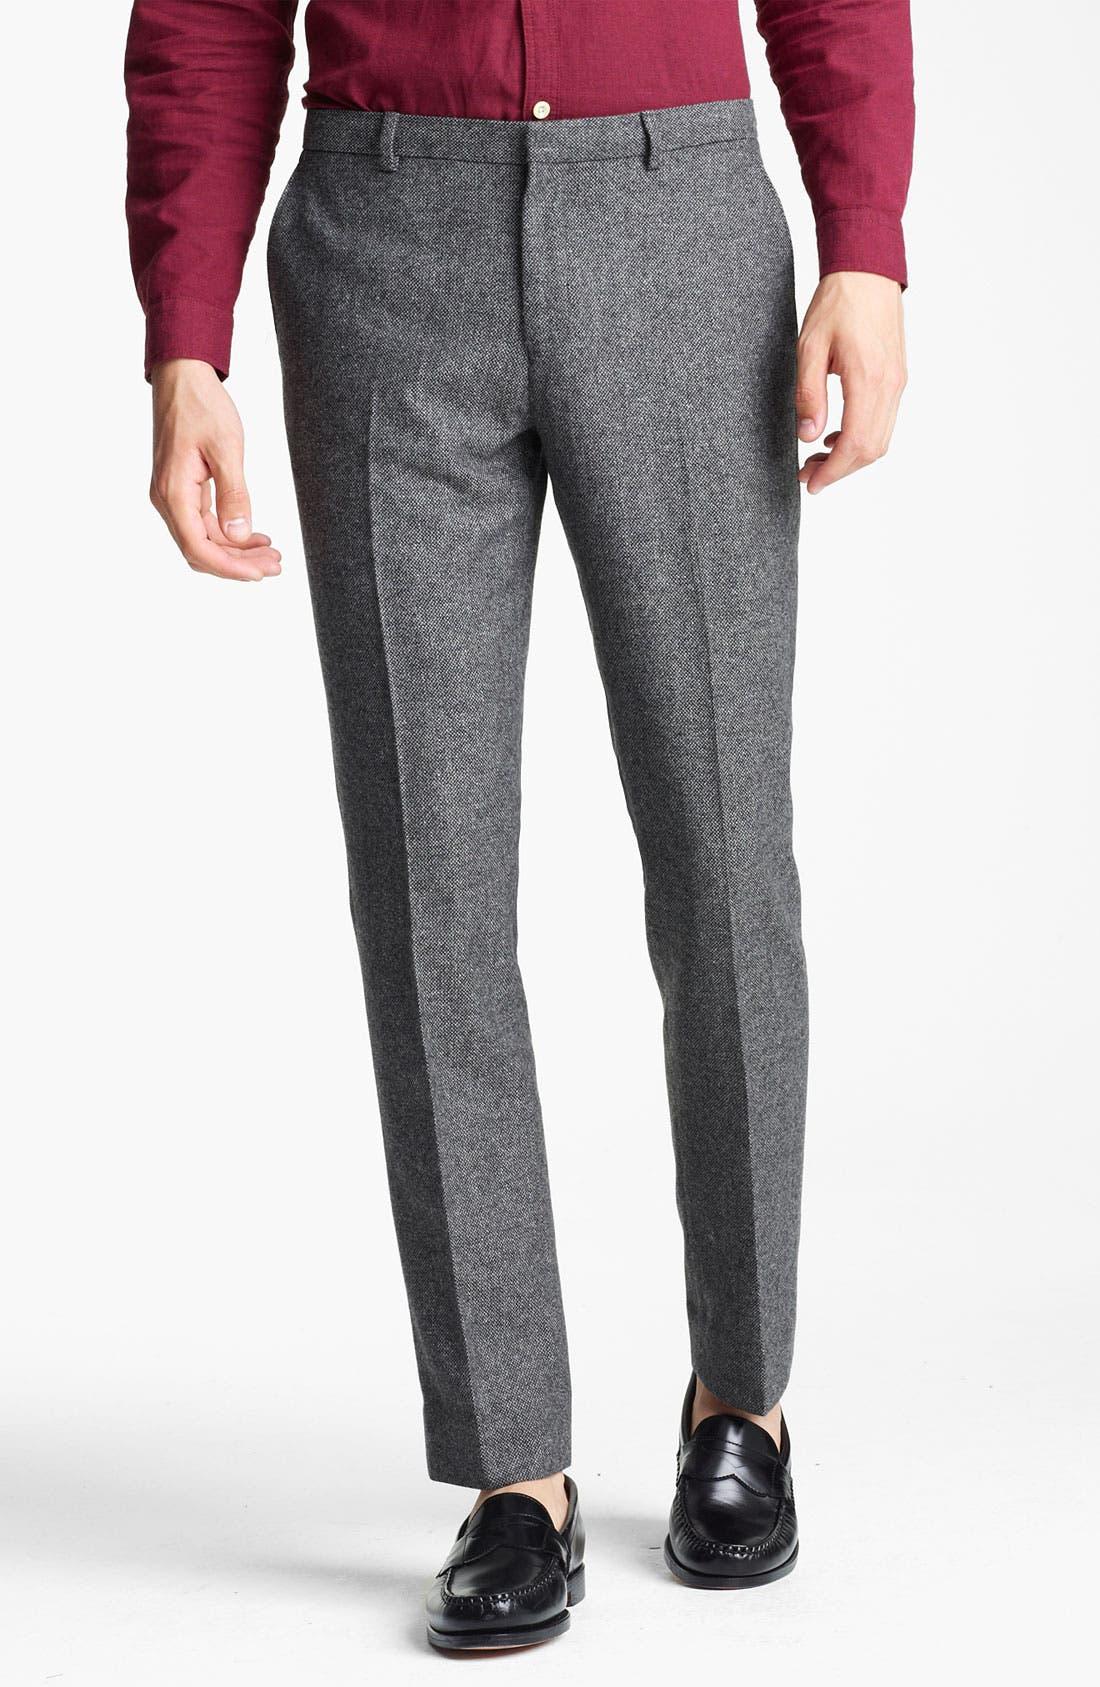 Alternate Image 1 Selected - Topman 'Vento' Tweed Skinny Trousers